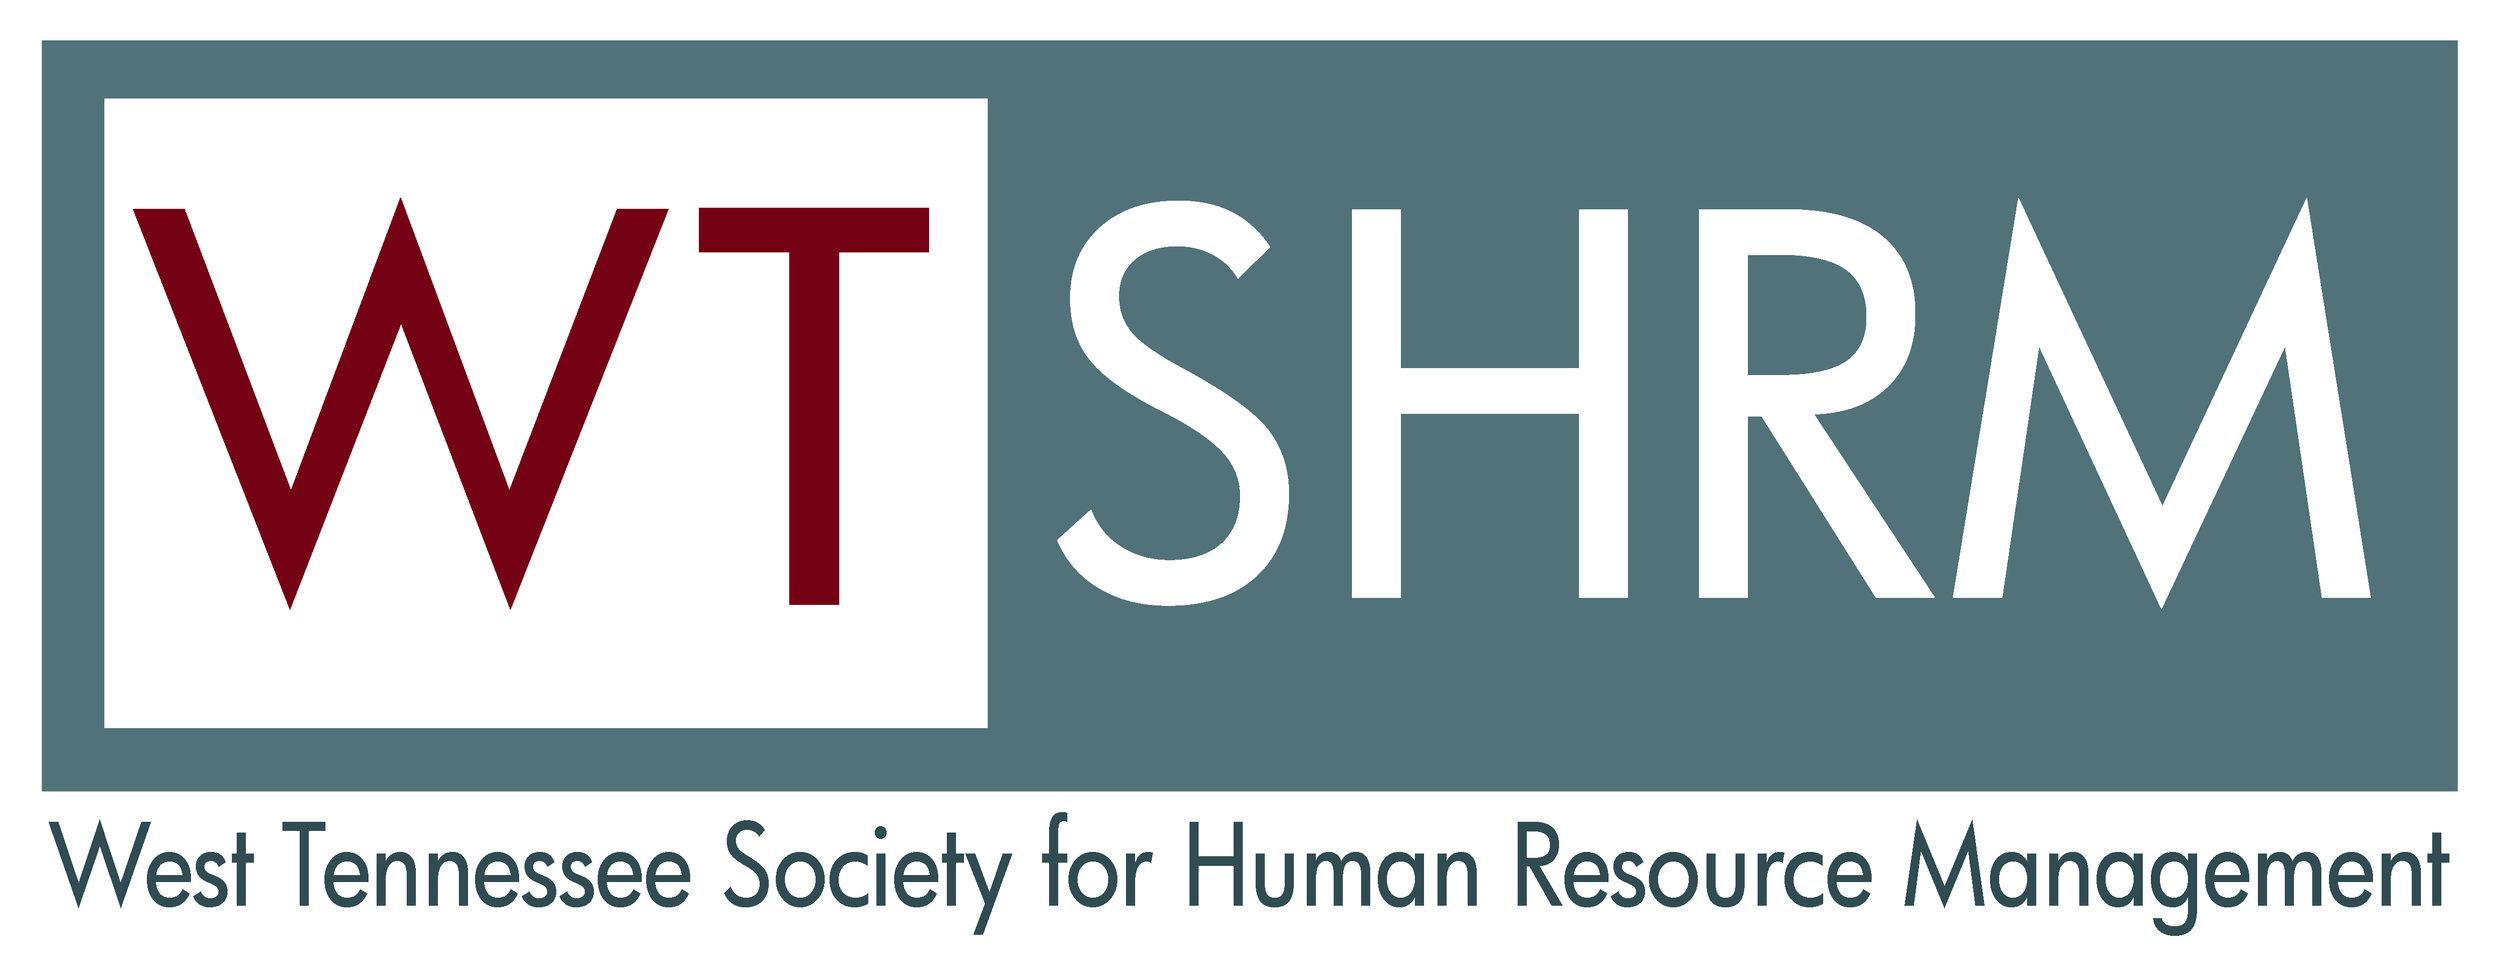 WTSHRM Logo - Cropped.jpg